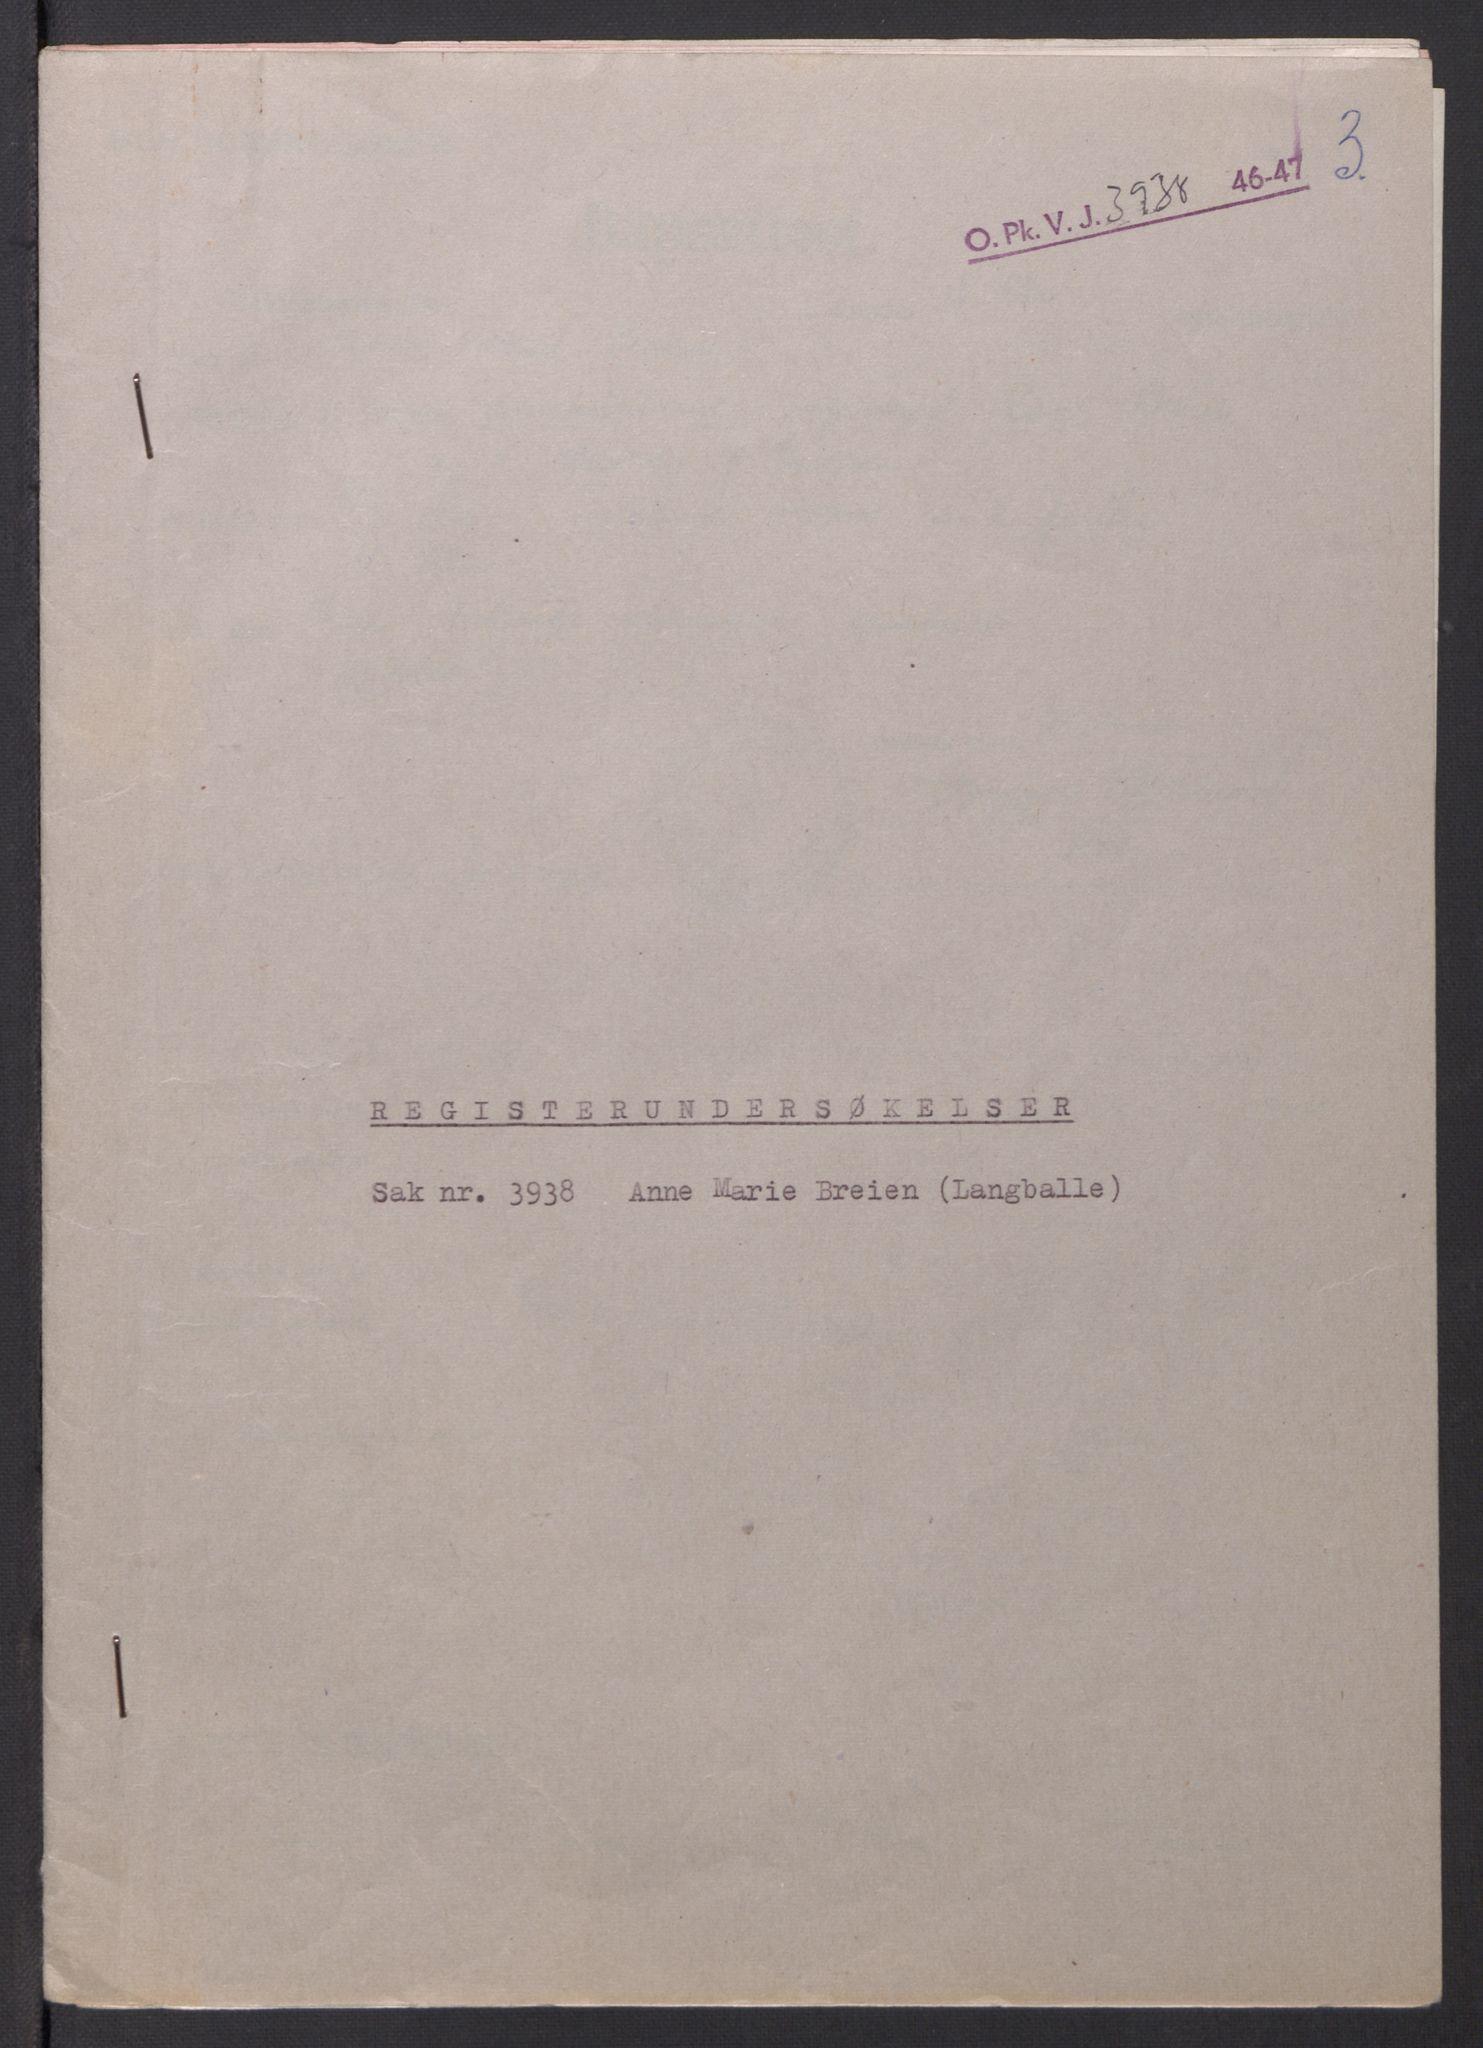 RA, Landssvikarkivet, Oslo politikammer, D/Dg/L0267: Henlagt hnr. 3658, 1945-1946, s. 23